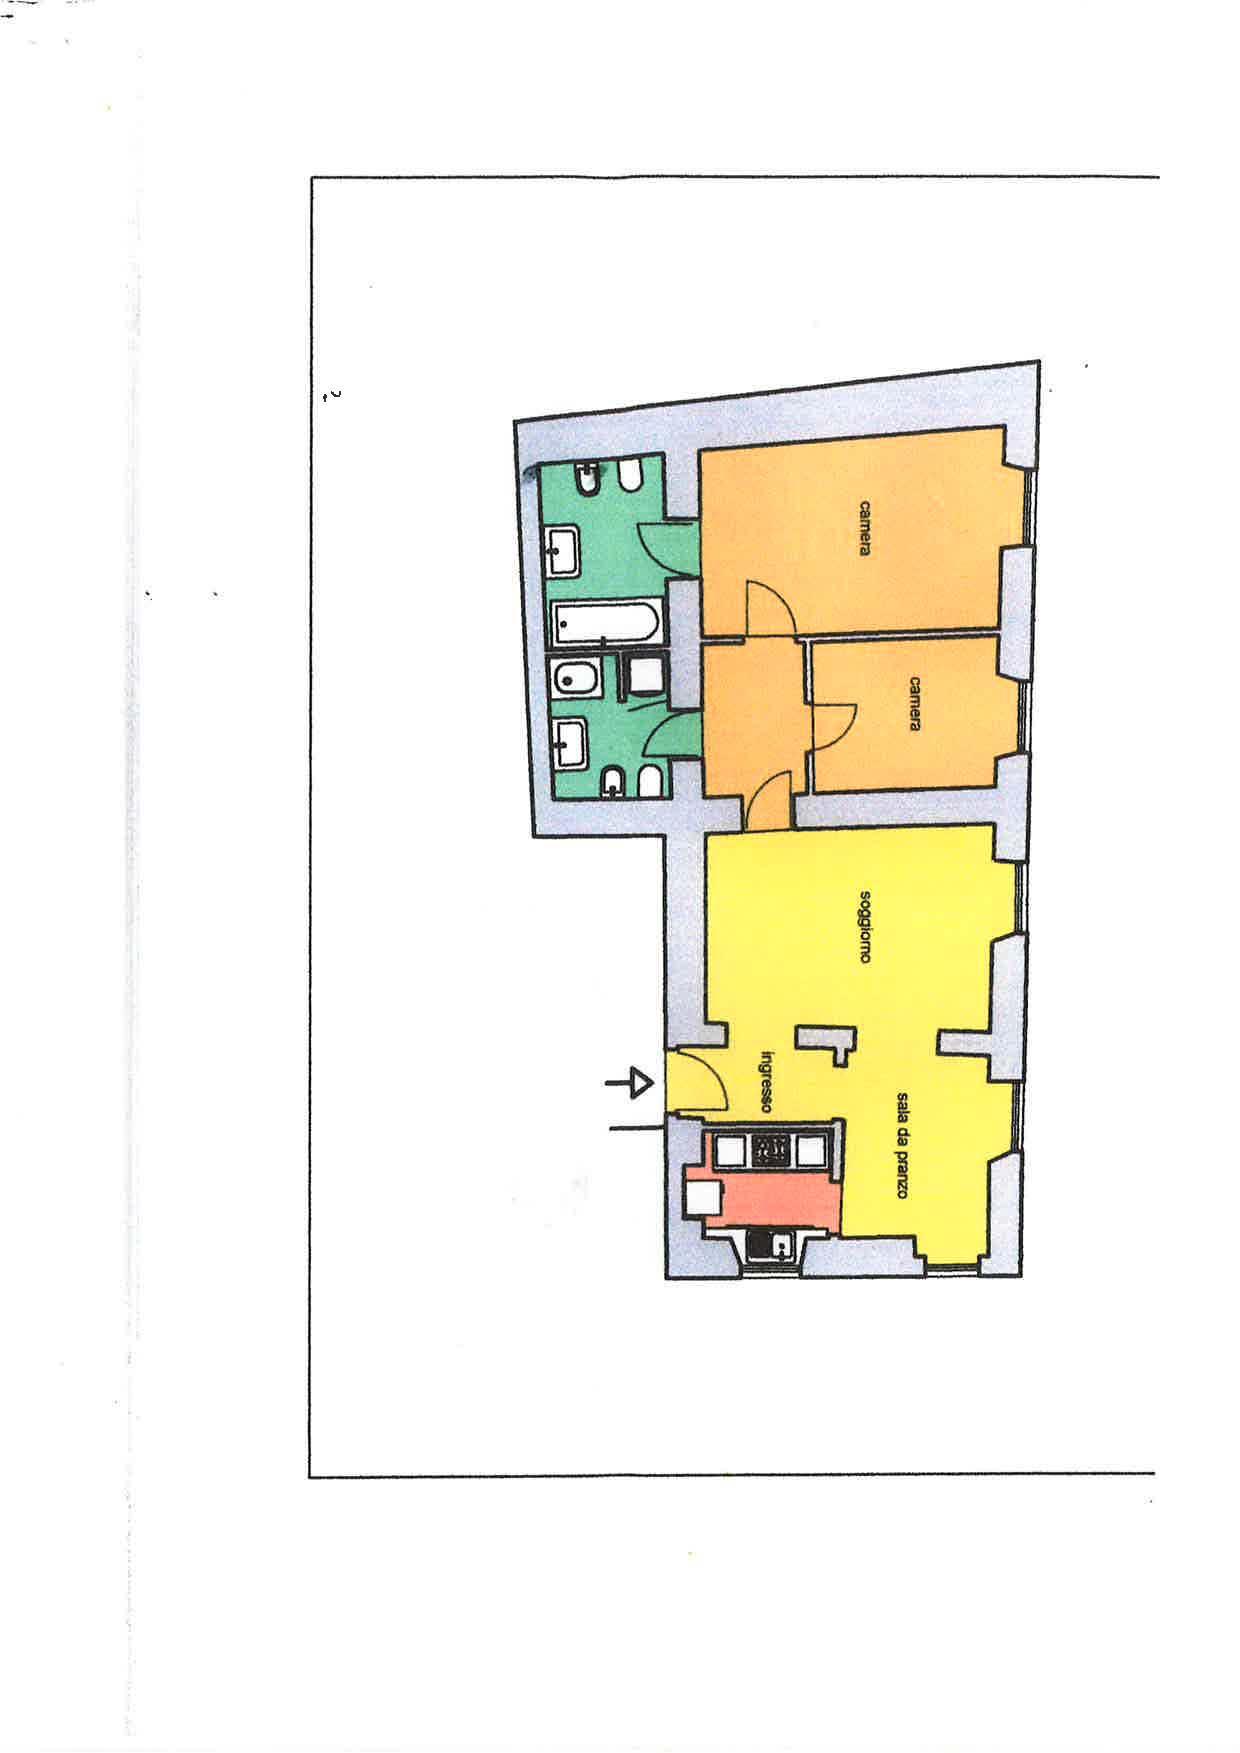 Cbi072 ex1284 appartamento in affitto a roma centro for Locali commerciali in affitto roma centro